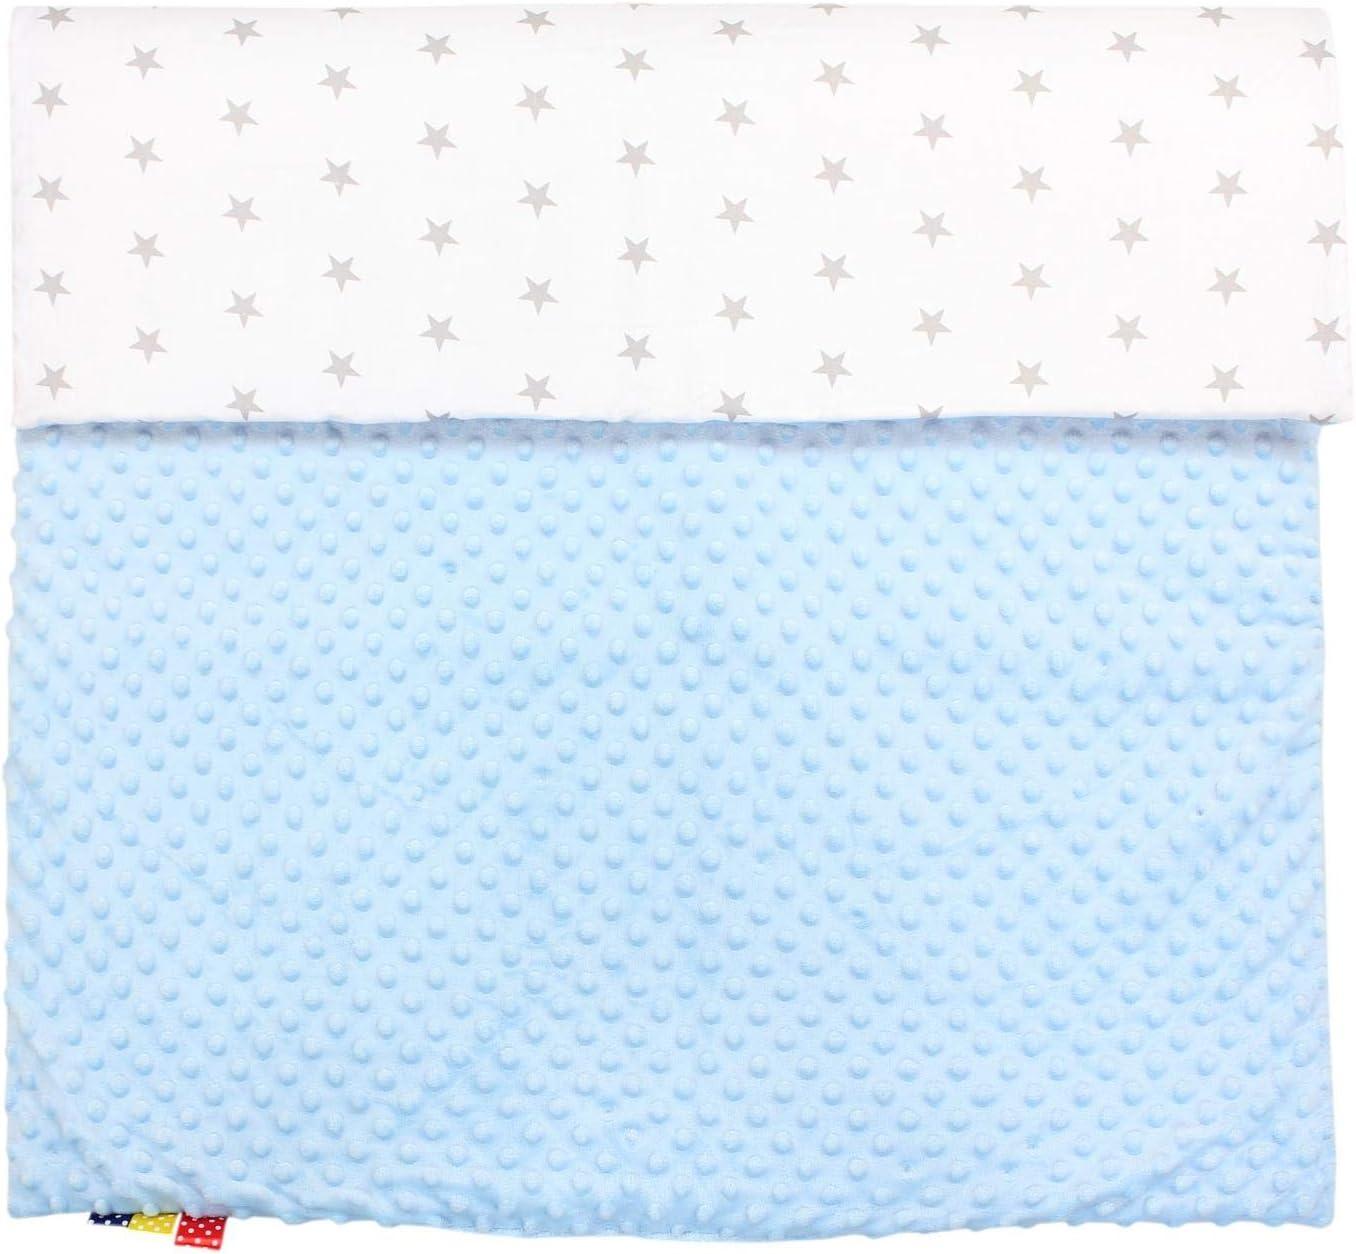 75 x 100 cm Farbe TupTam Babydecke Kuscheldecke 75x100 Pl/üsch Minky Gemustert Gr/ö/ße B/ärchen Blau